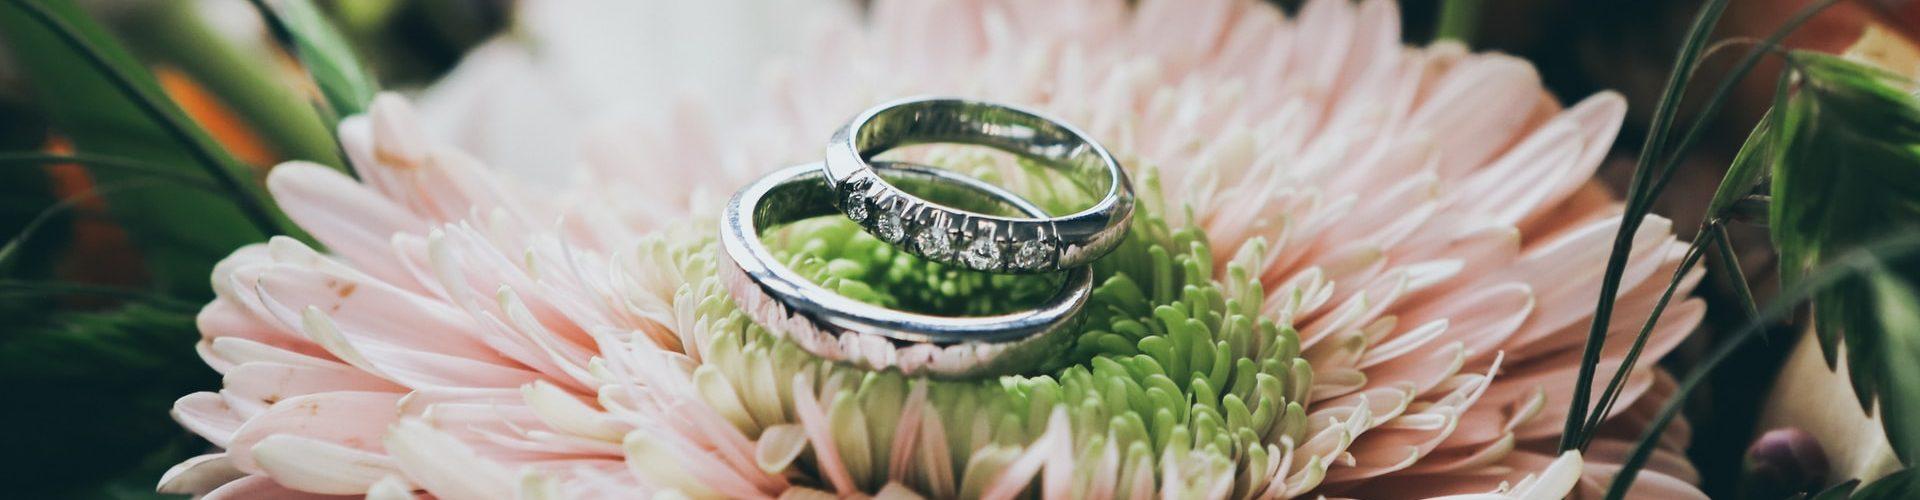 rings on flower